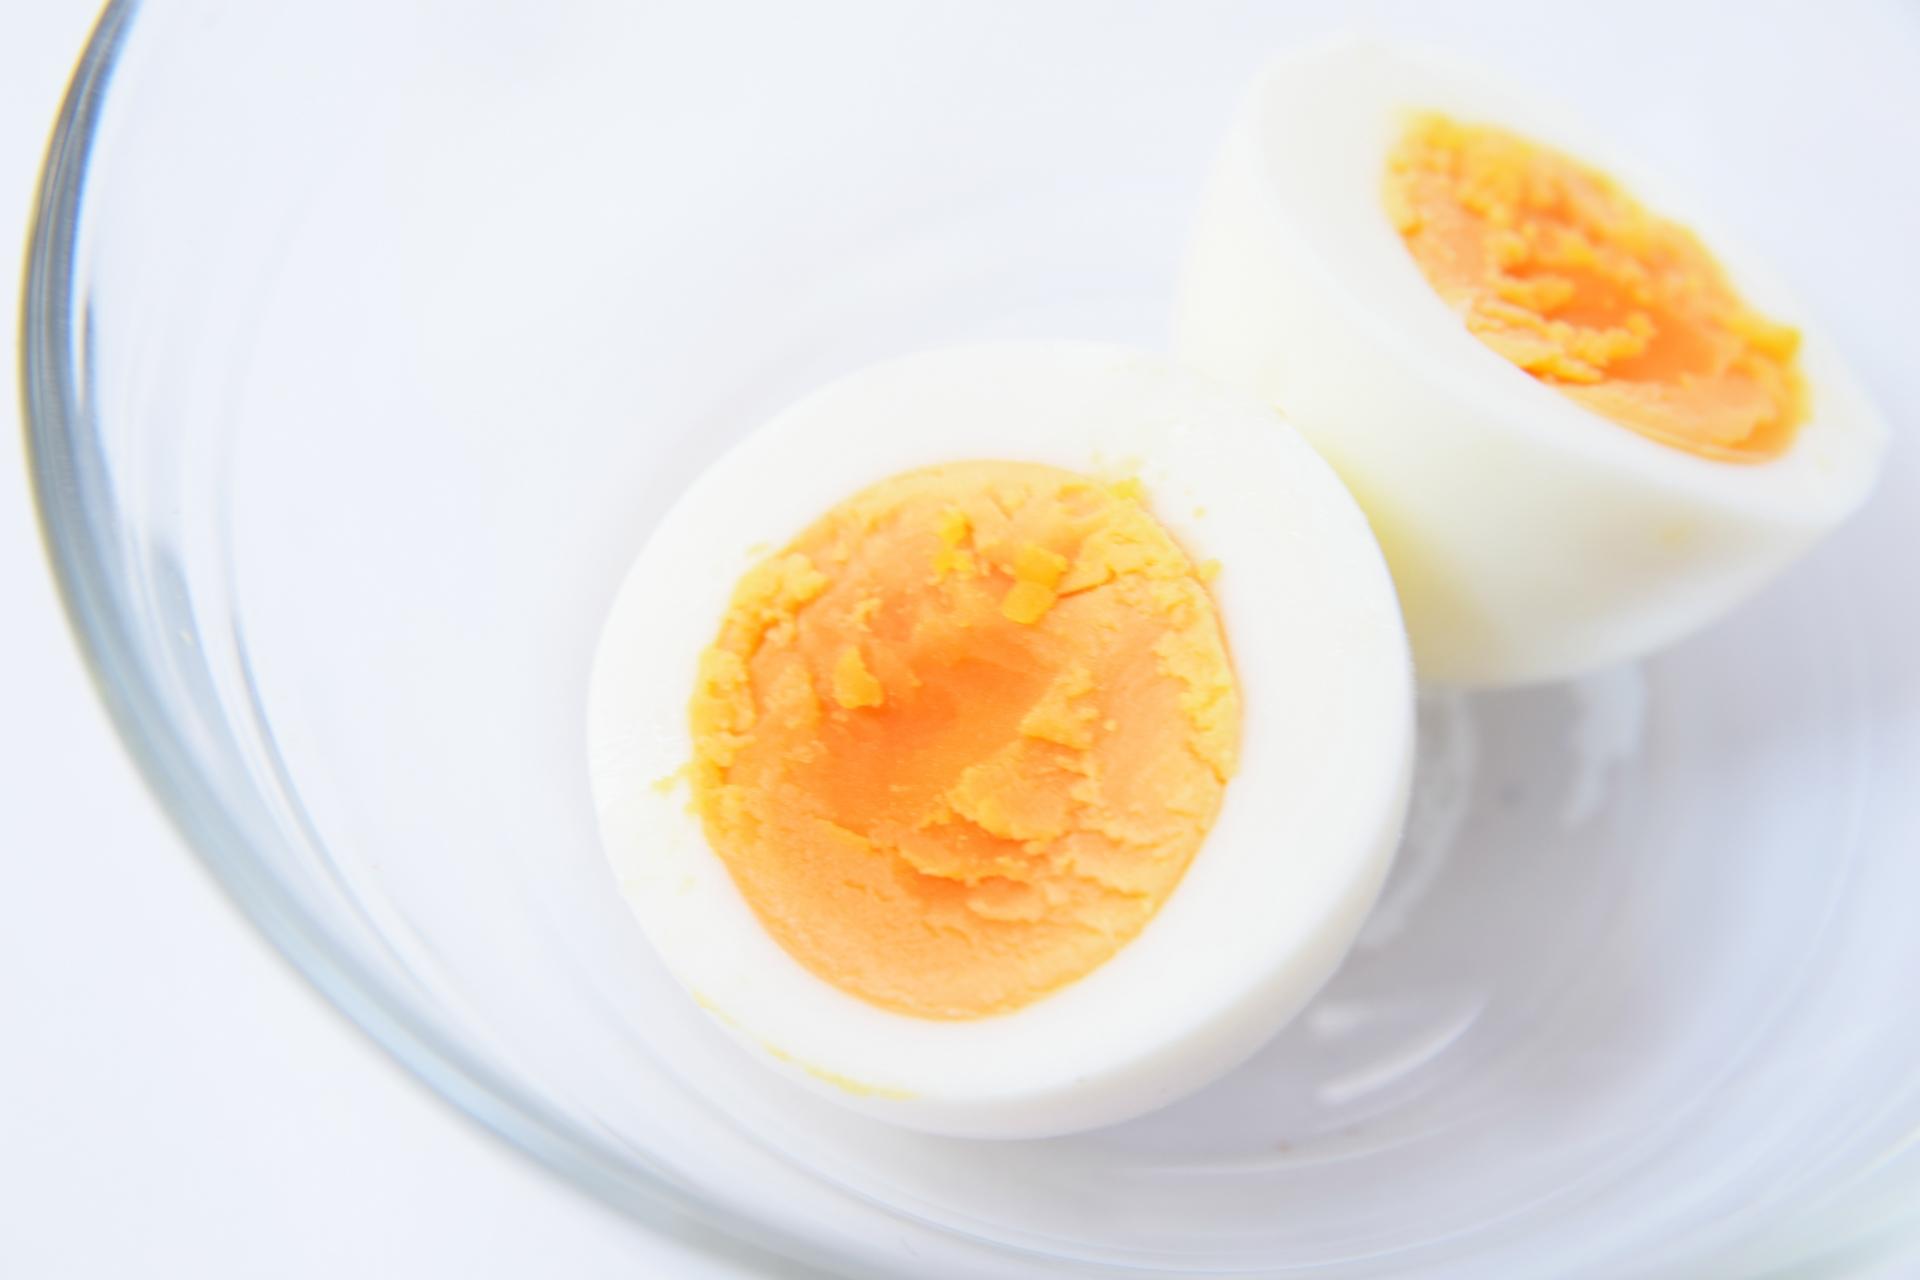 半分に割られたゆで卵のアップ画像